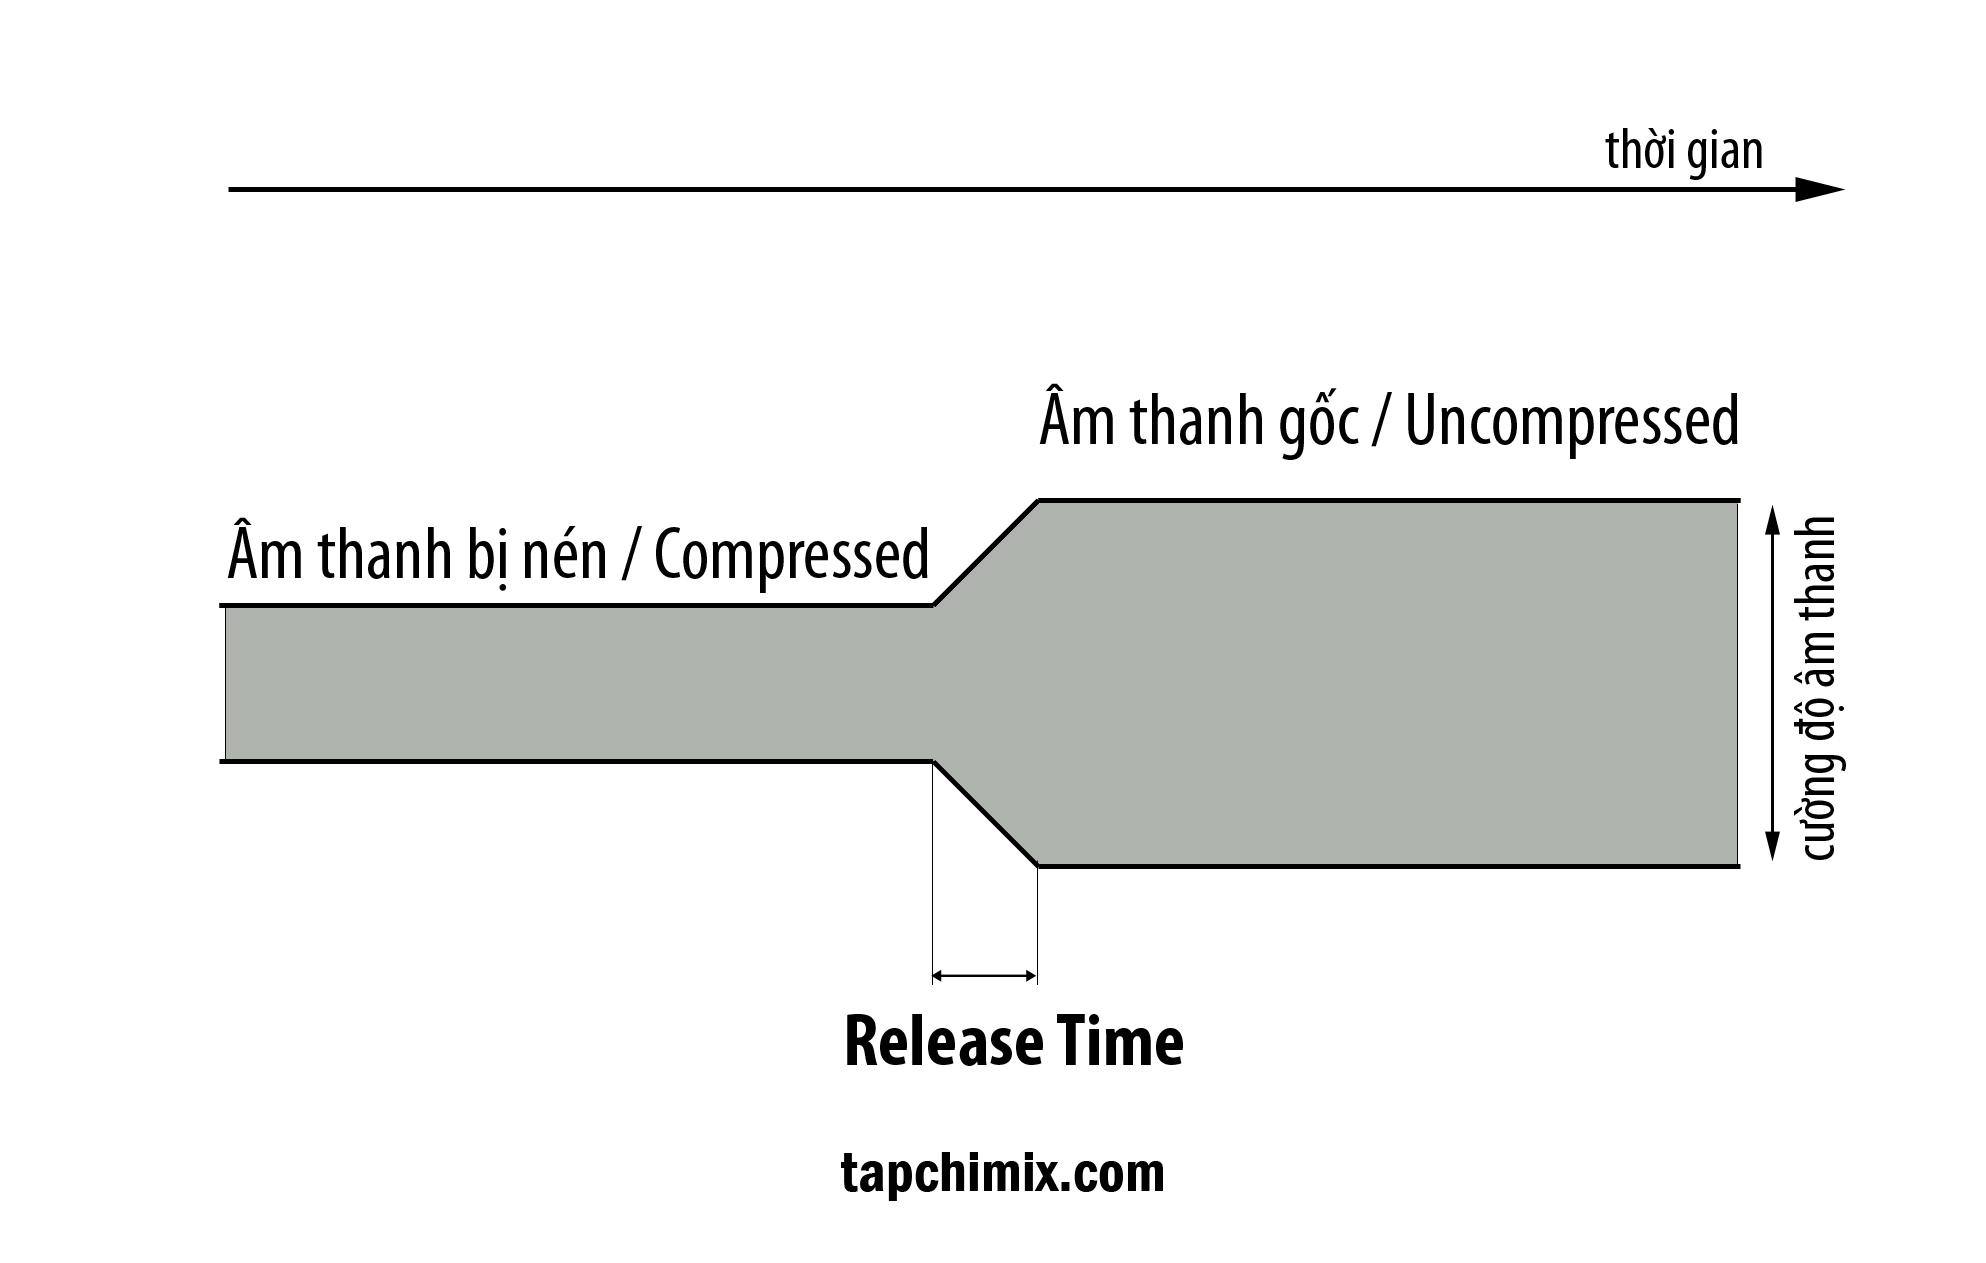 Release Time - Cần căn để phù hợp với nguồn âm thanh và tiết tấu của nhạc